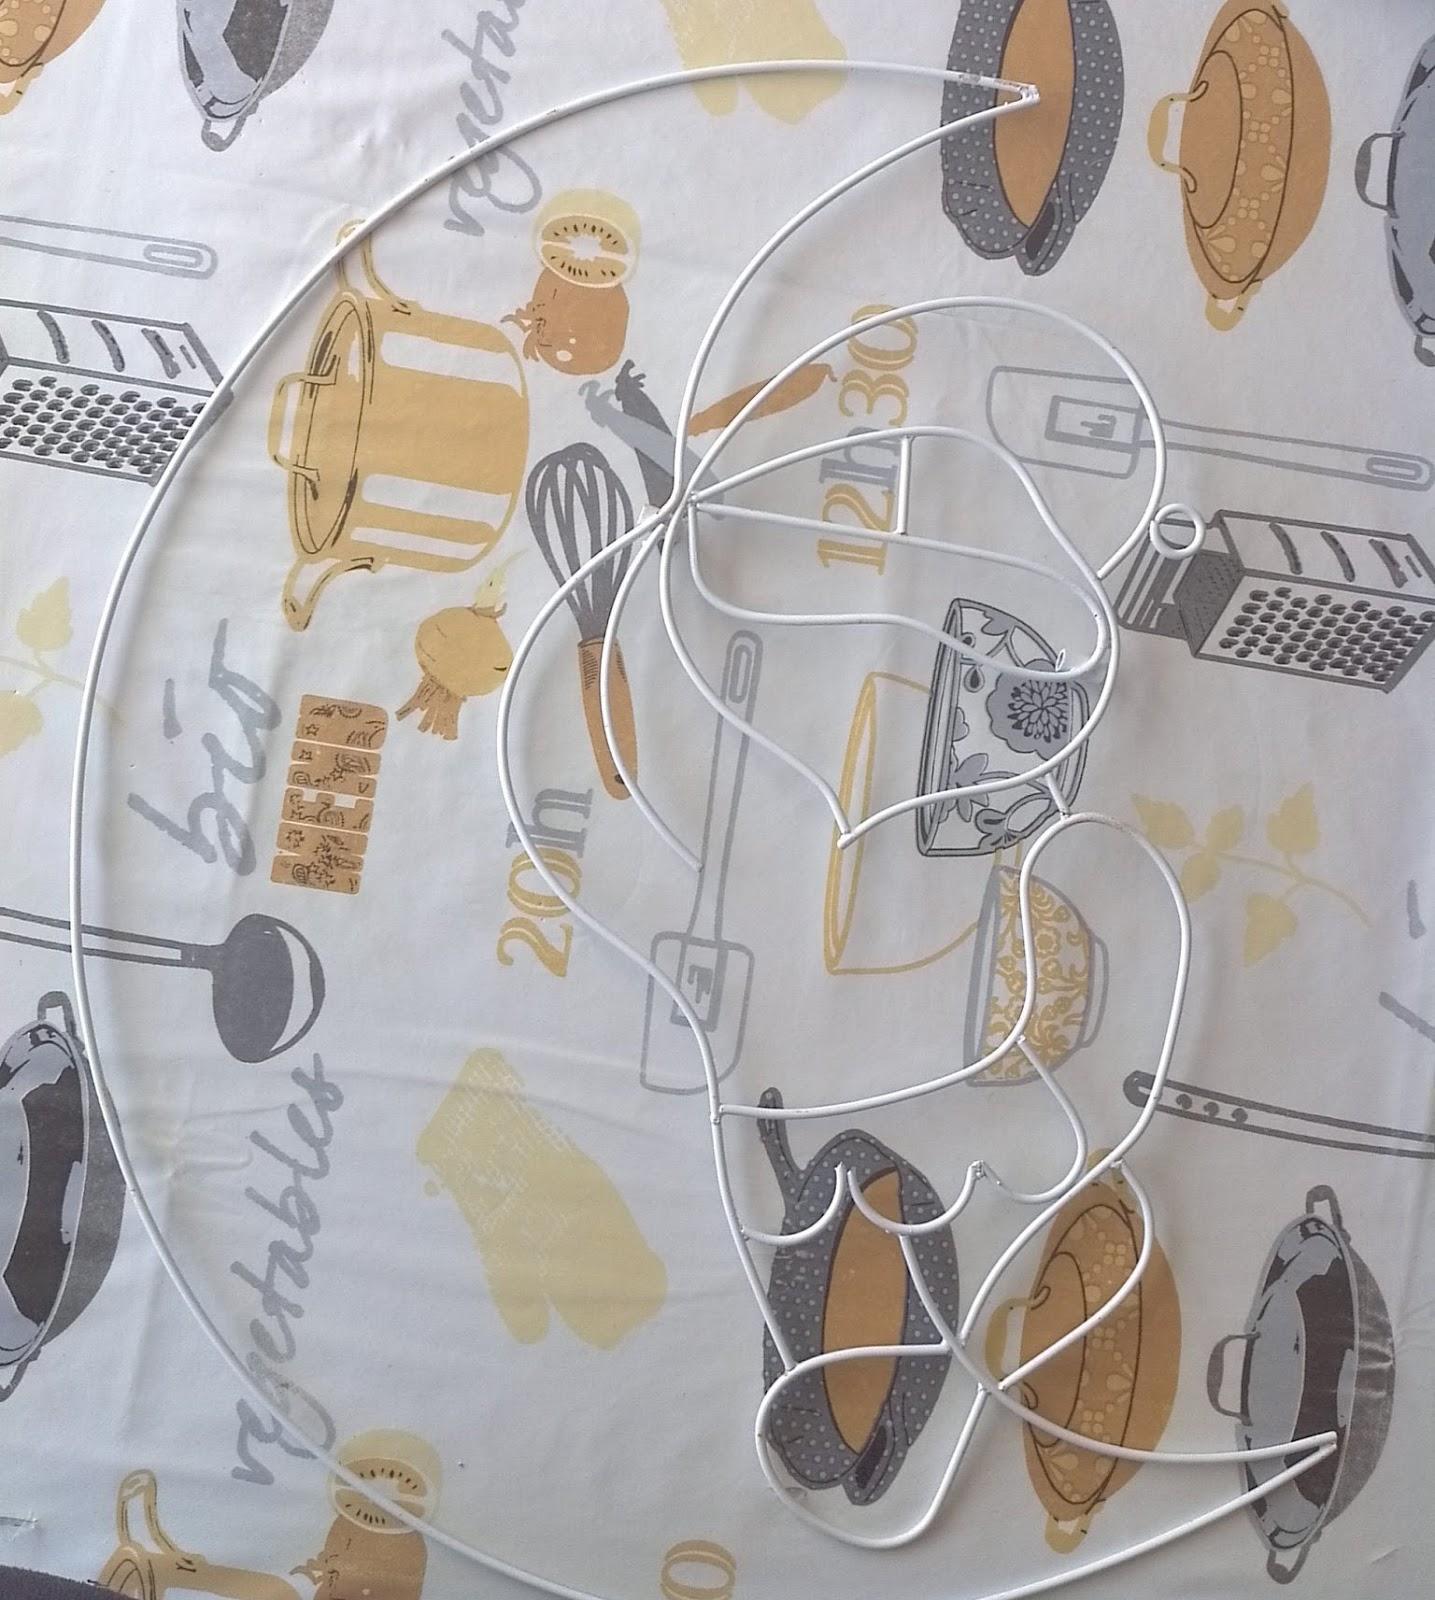 Recycler une d coration ext rieure de no l paperblog - Decoration exterieure noel ...